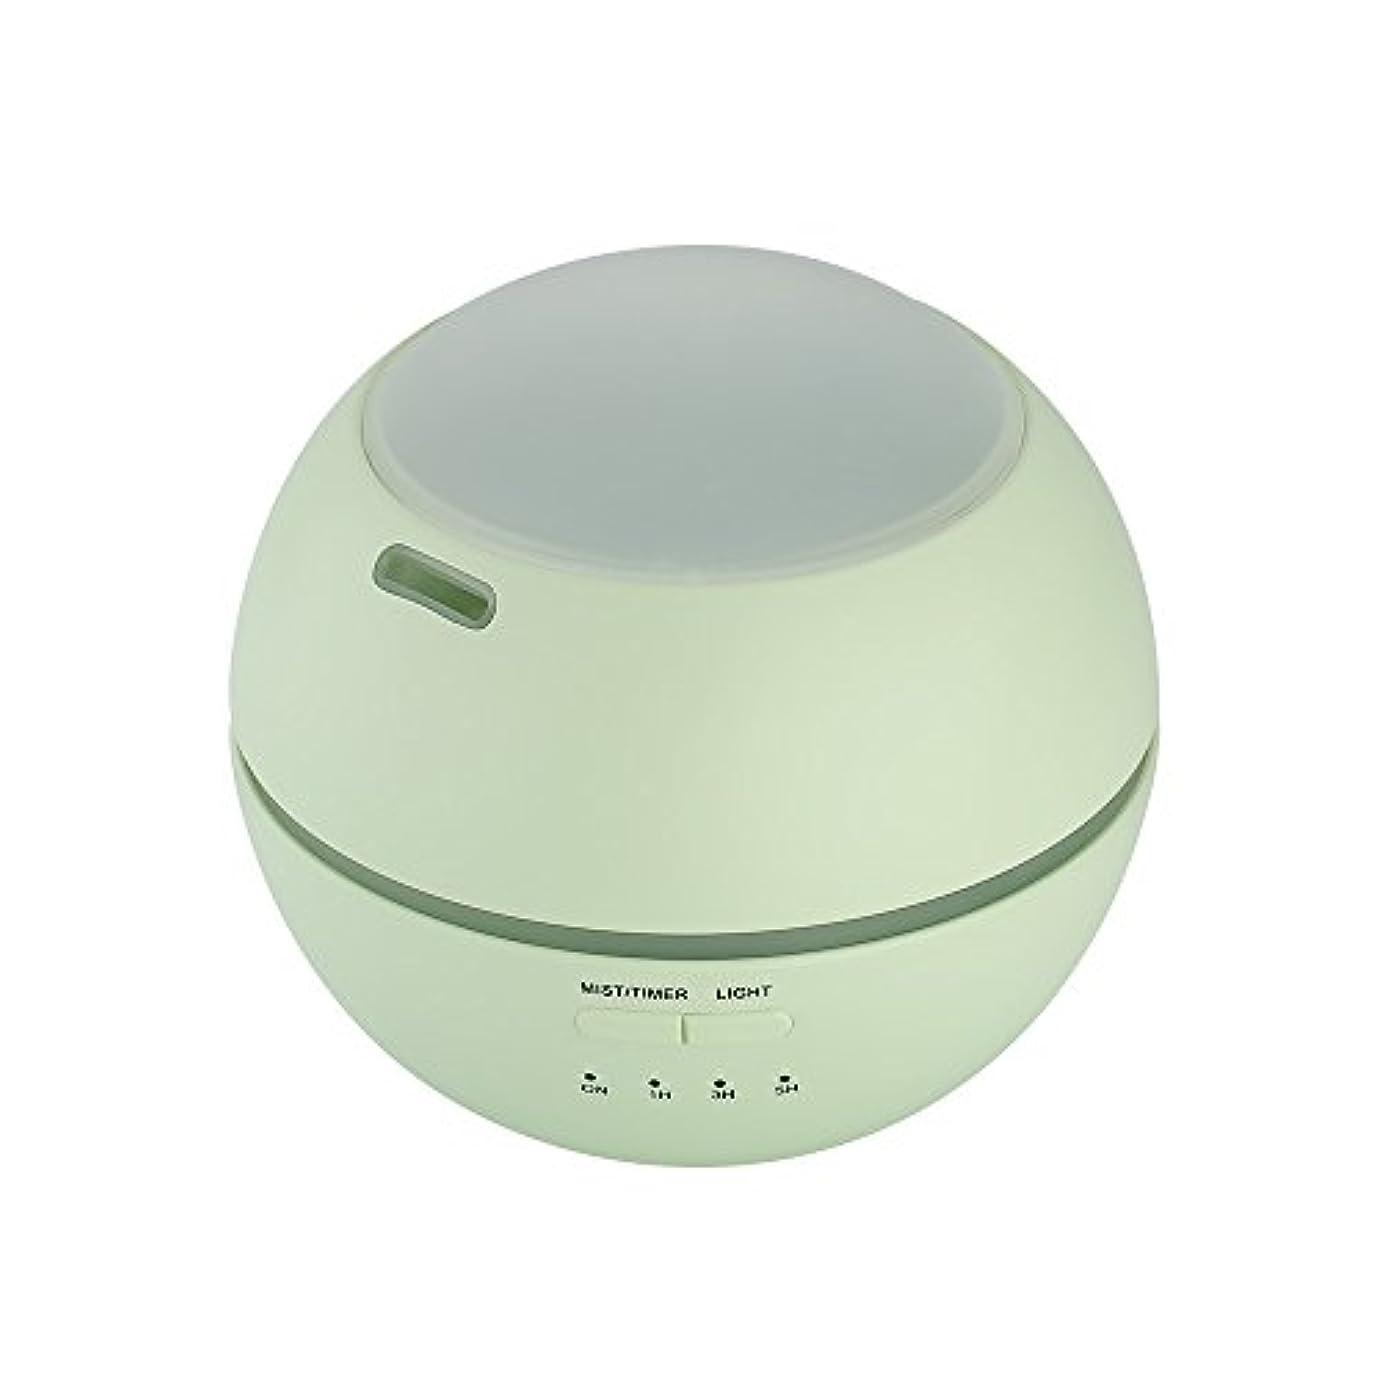 安心させる机時々超音波式 アロマディフューザー 卓上 加湿器 8色LEDライト変換 超静音 ミス調整可能 時間設定タイマー機能付き 空焚き防止機能搭載 アロマ加湿器 150mL by smartlife (グリーン)